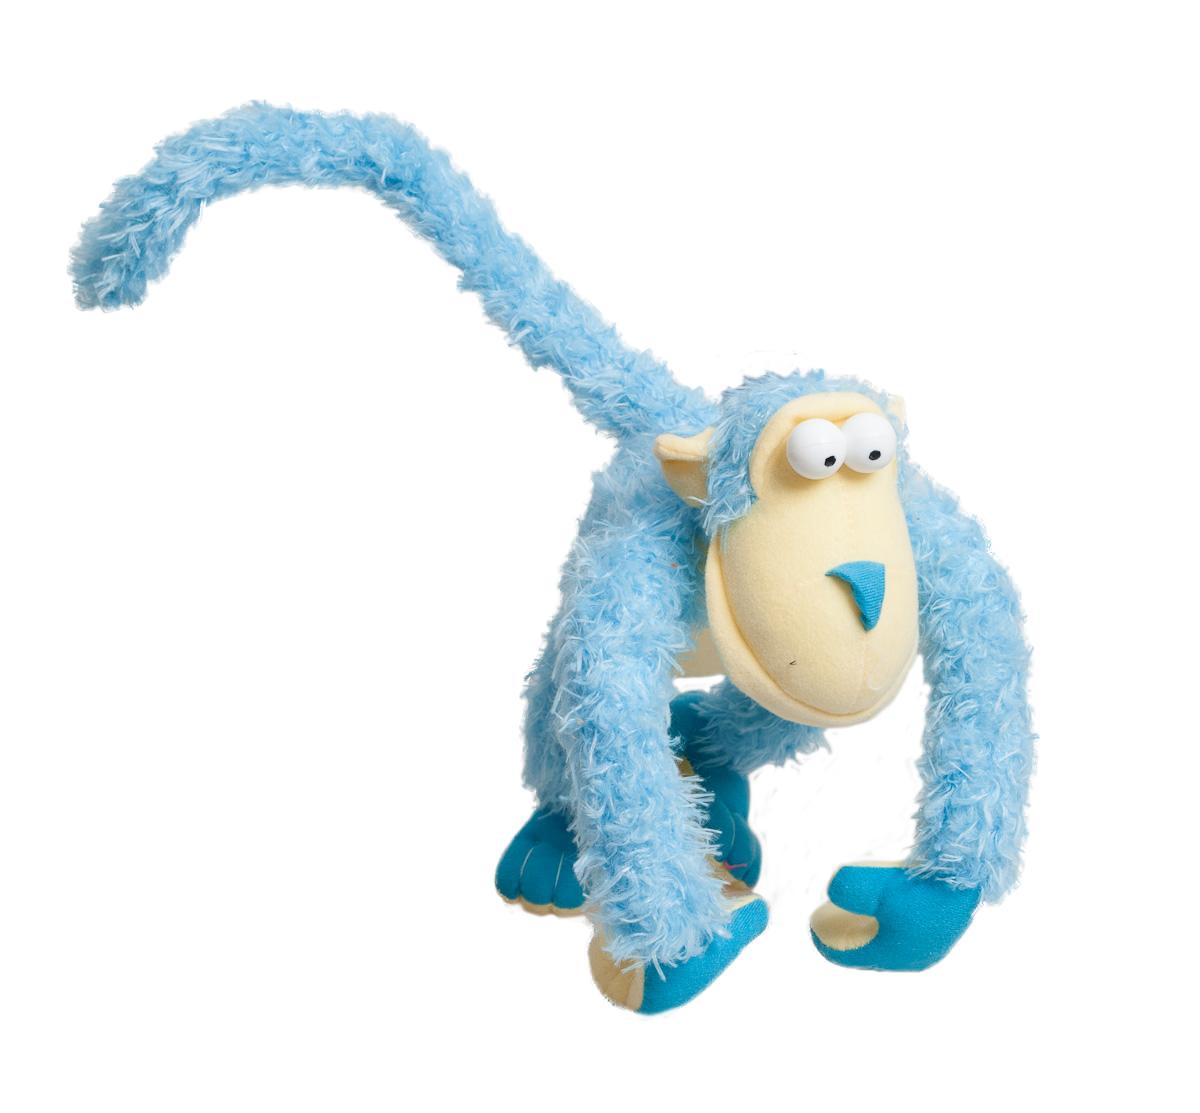 Fancy Мягкая игрушка Обезьянка Питто цвет голубой fancy мягкая игрушка собака соня 70 см